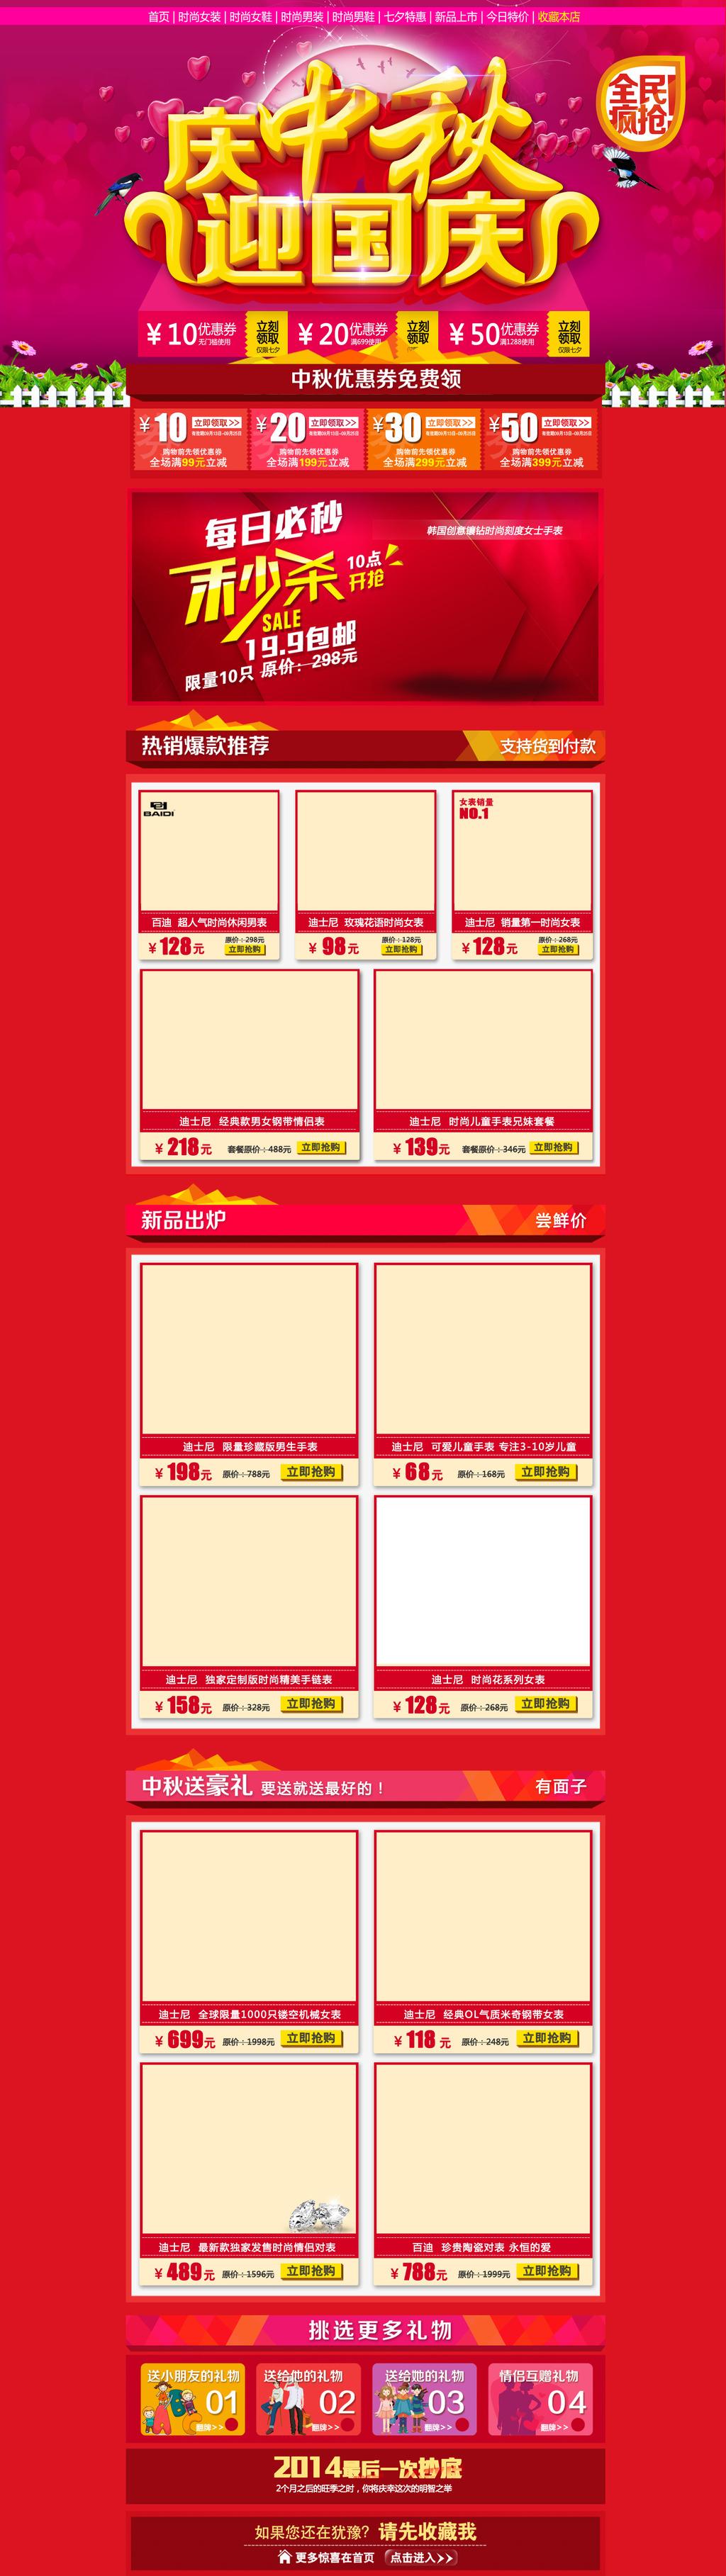 庆中秋迎国庆淘宝天猫店铺首页装修设计模板下载(图片